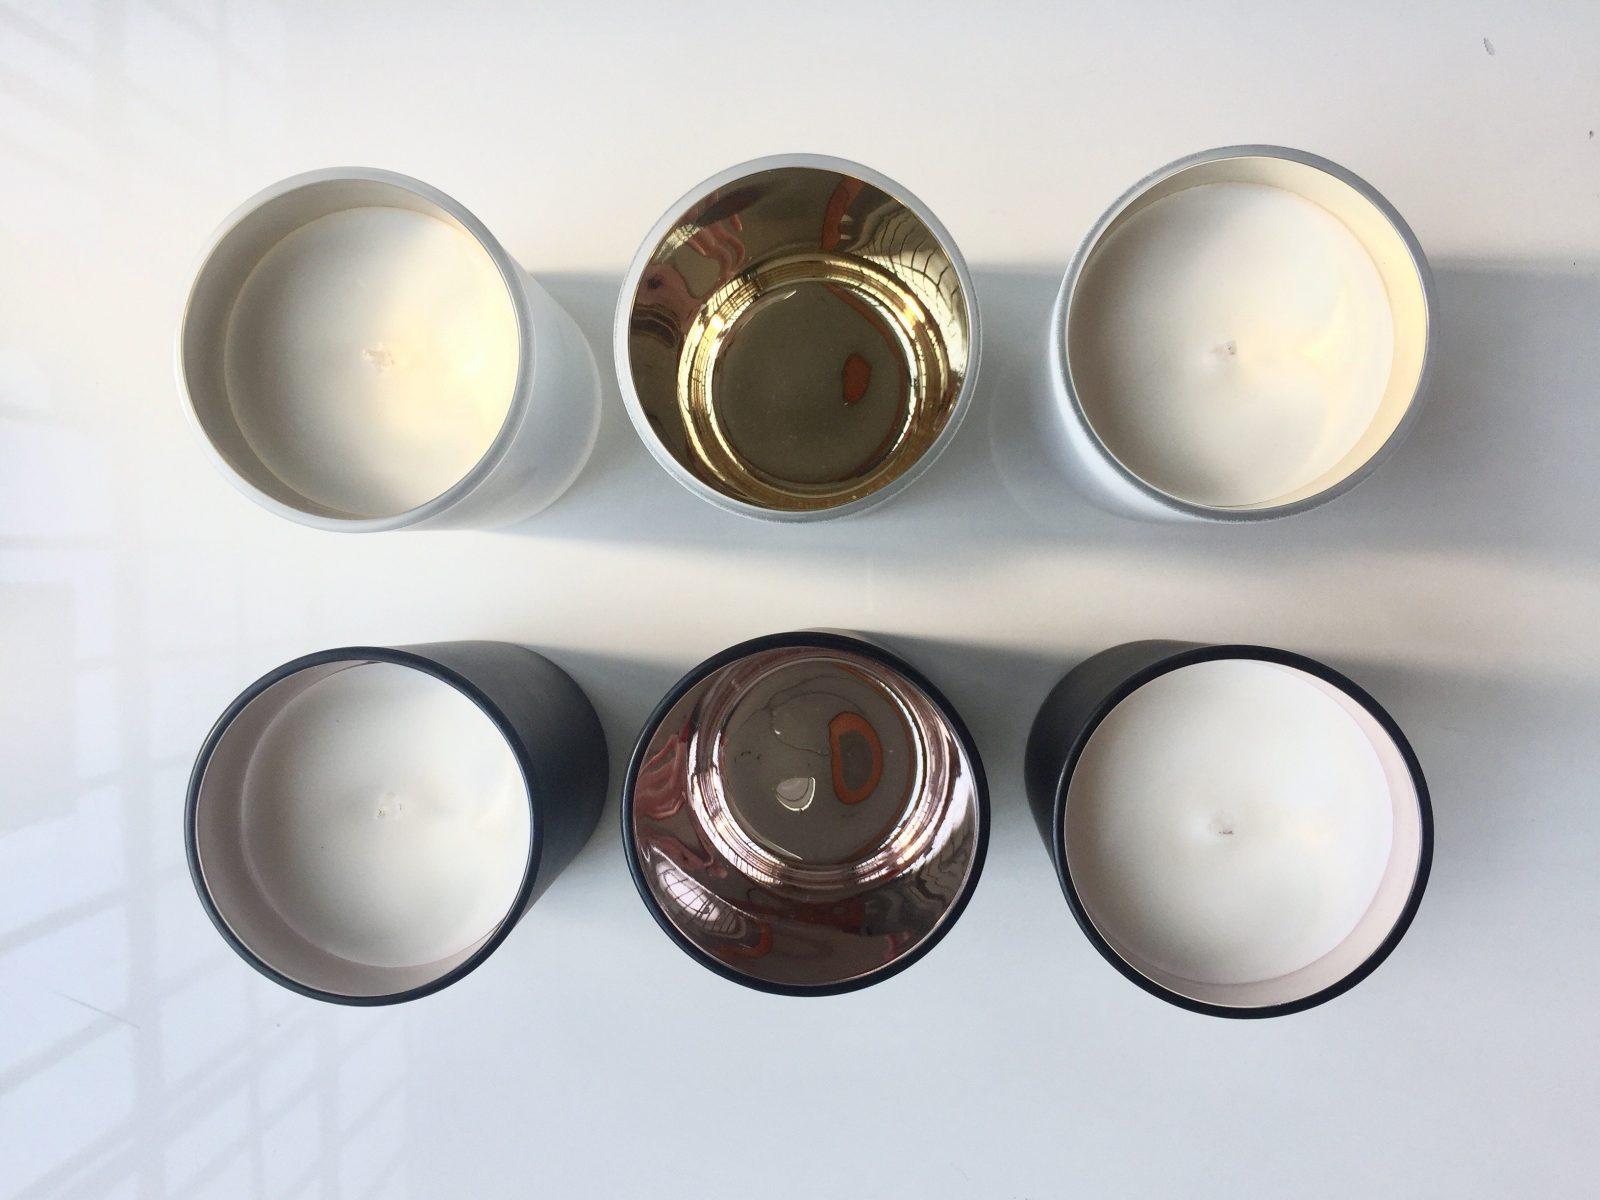 candle workshop sydney, craft workshop sydney, creative workshop Sydney, candle workshop Sydney